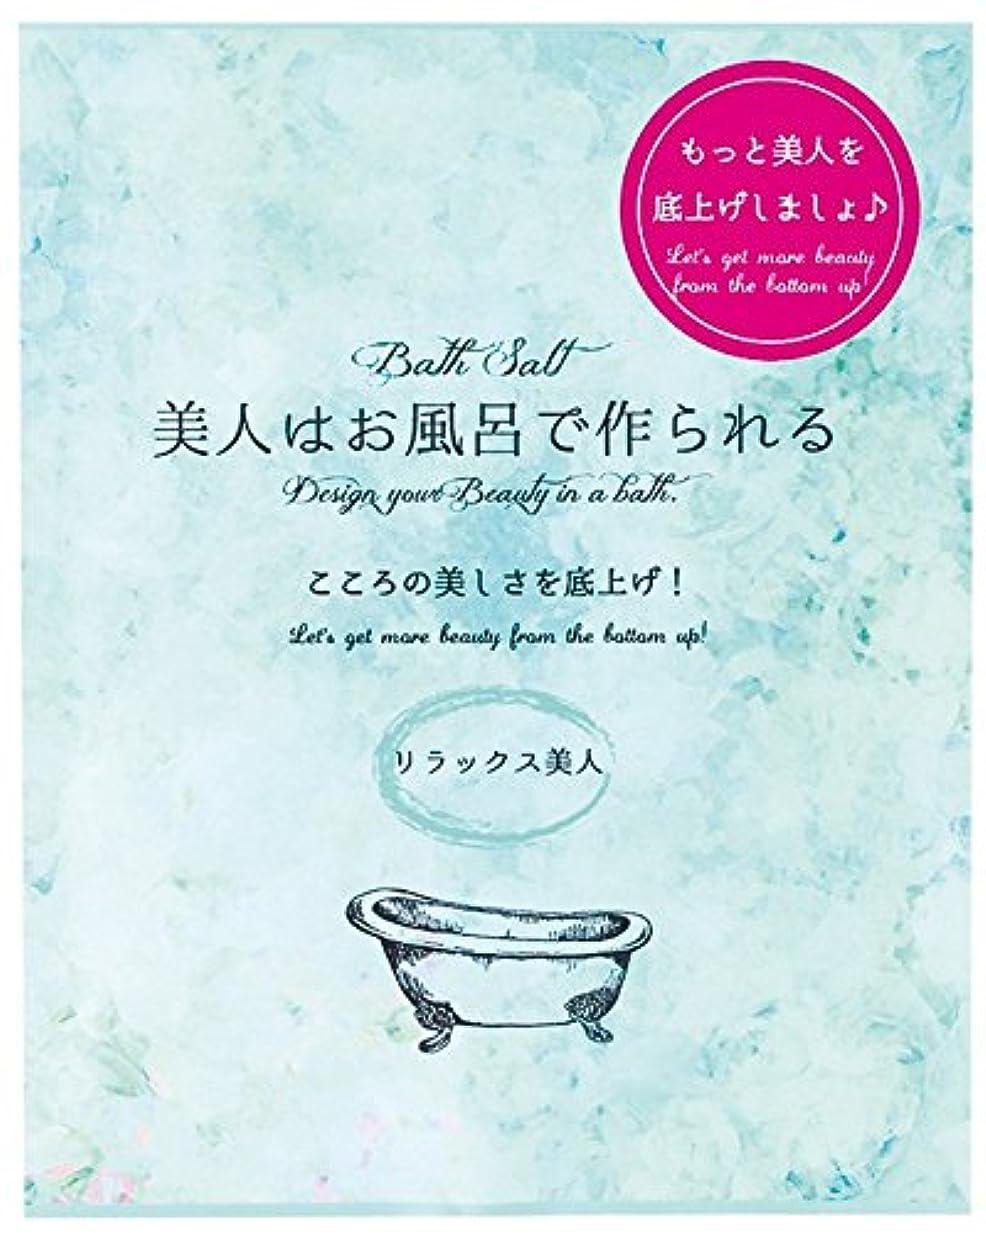 逃す減らす不規則性ノルコーポレーション 入浴剤 セット 美人はお風呂で作られる バスソルト 55g 10包 乳白色 リラックス美人 OB-BZN-1-4